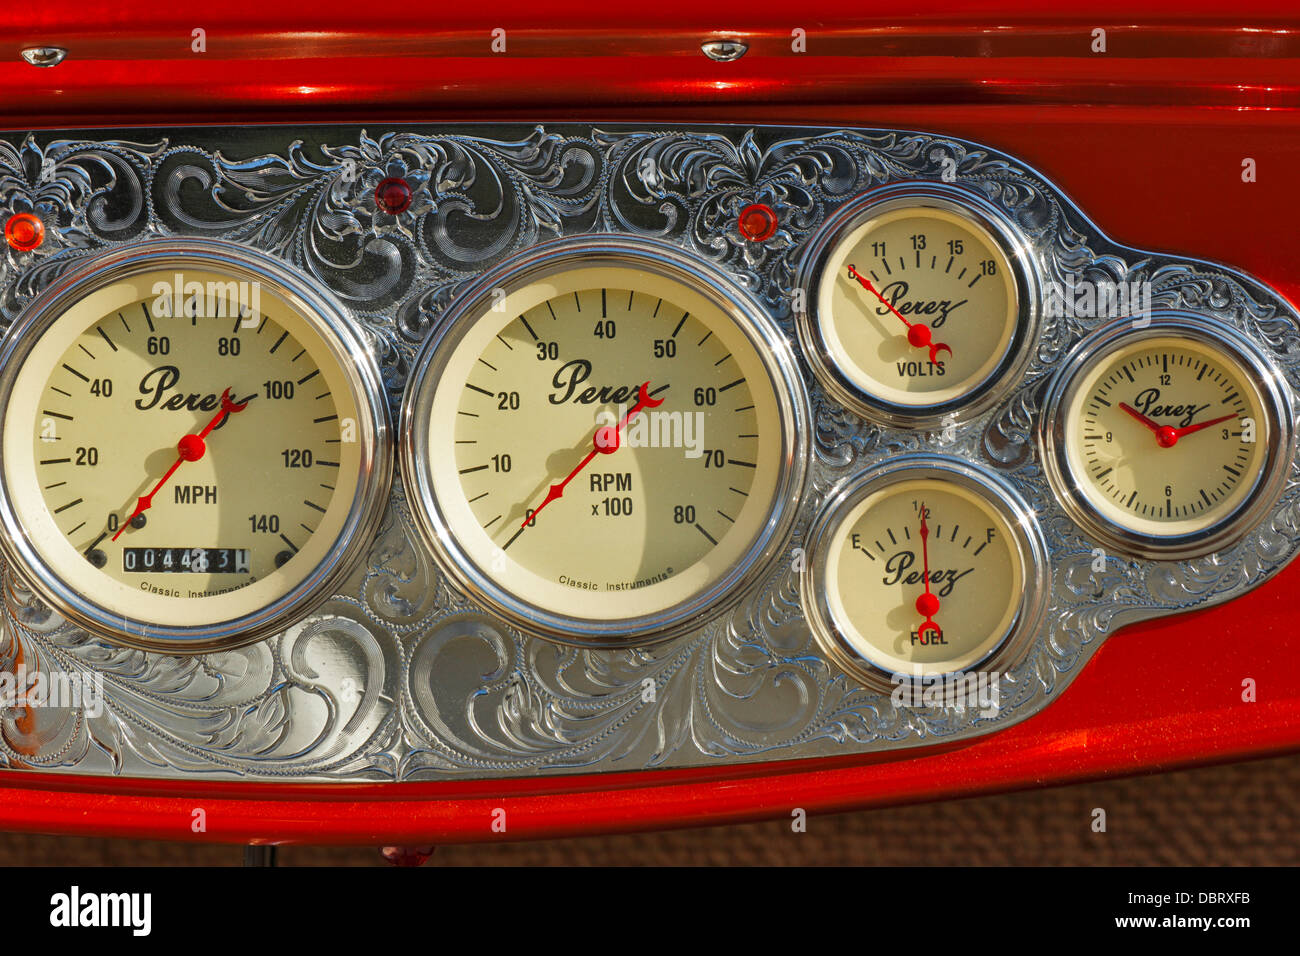 Perez Custom Instrument Panel In Classic Car During